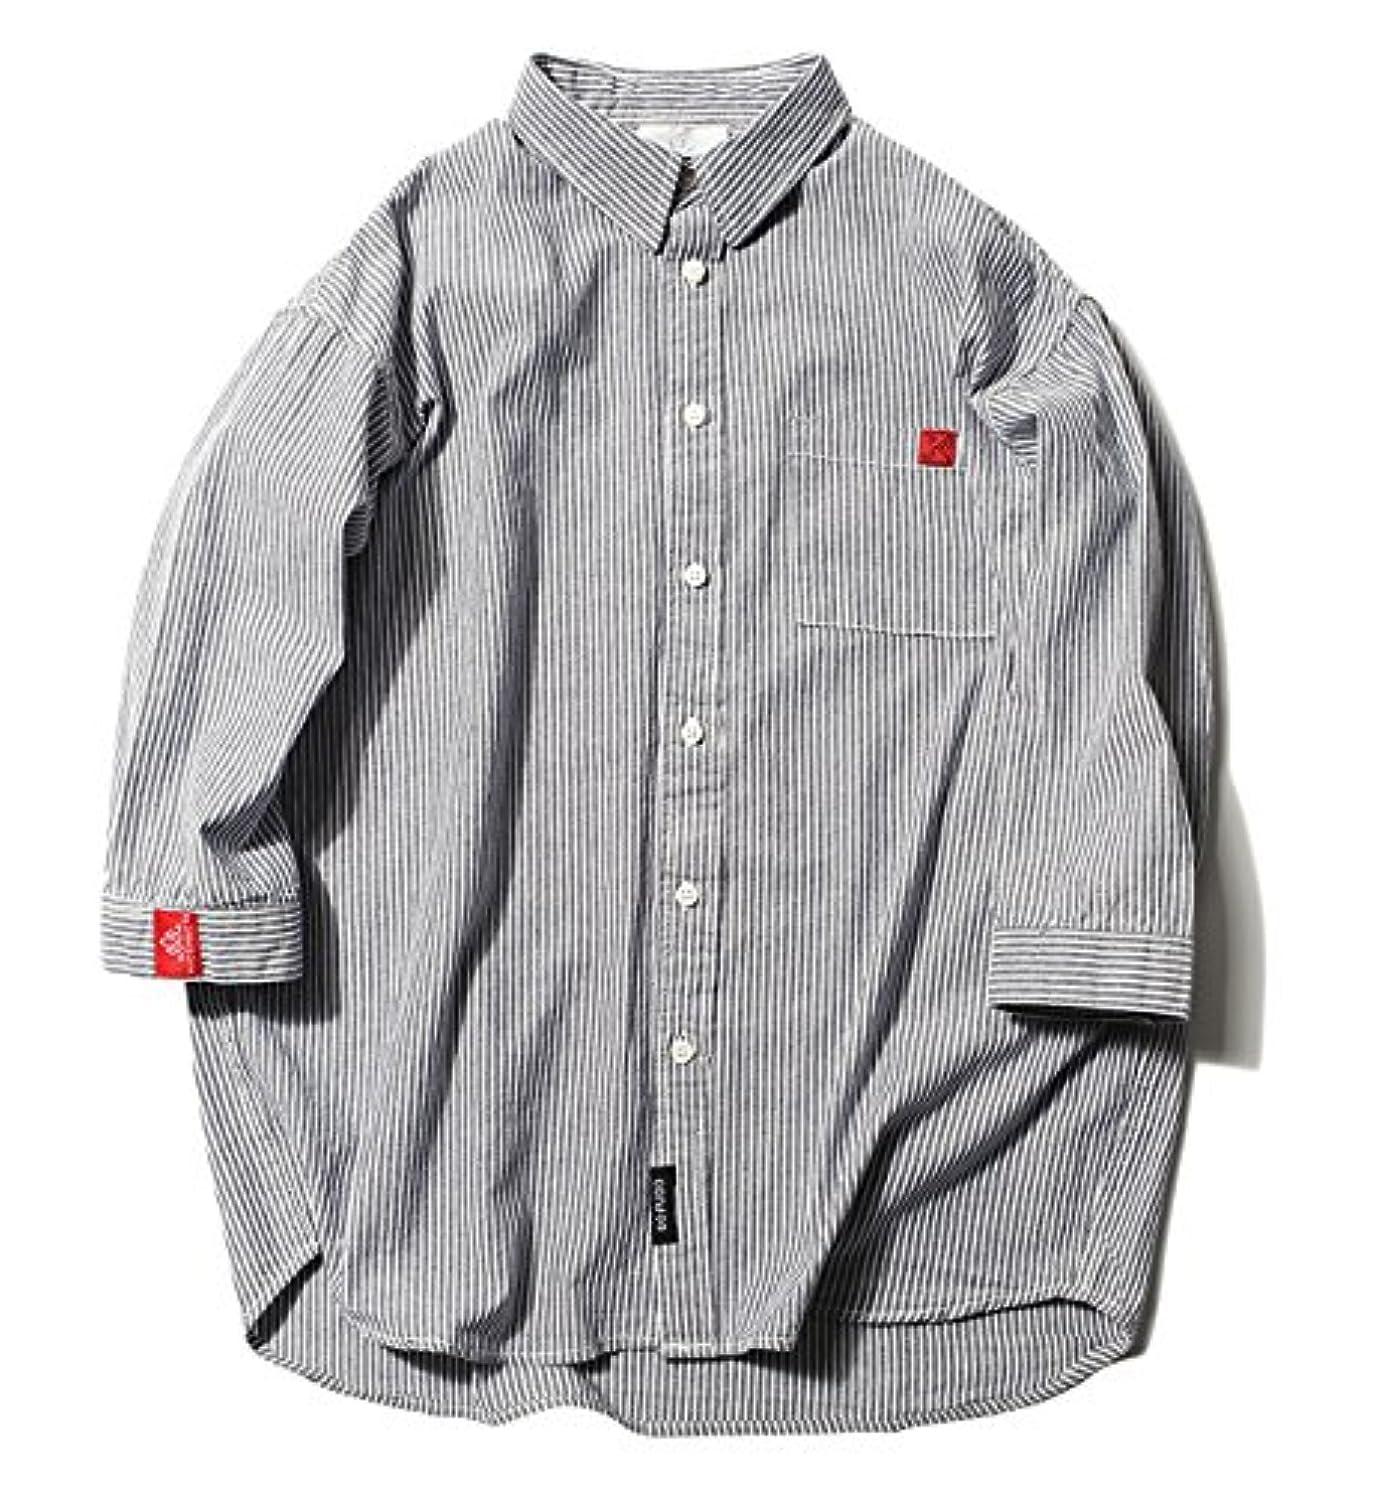 借りているストロークジョブ(ハバー) Habor カジュアルシャツ メンズ 七分袖 長袖 ボタンアップ シャツ トップス ストライプ 開襟シャツ 綿